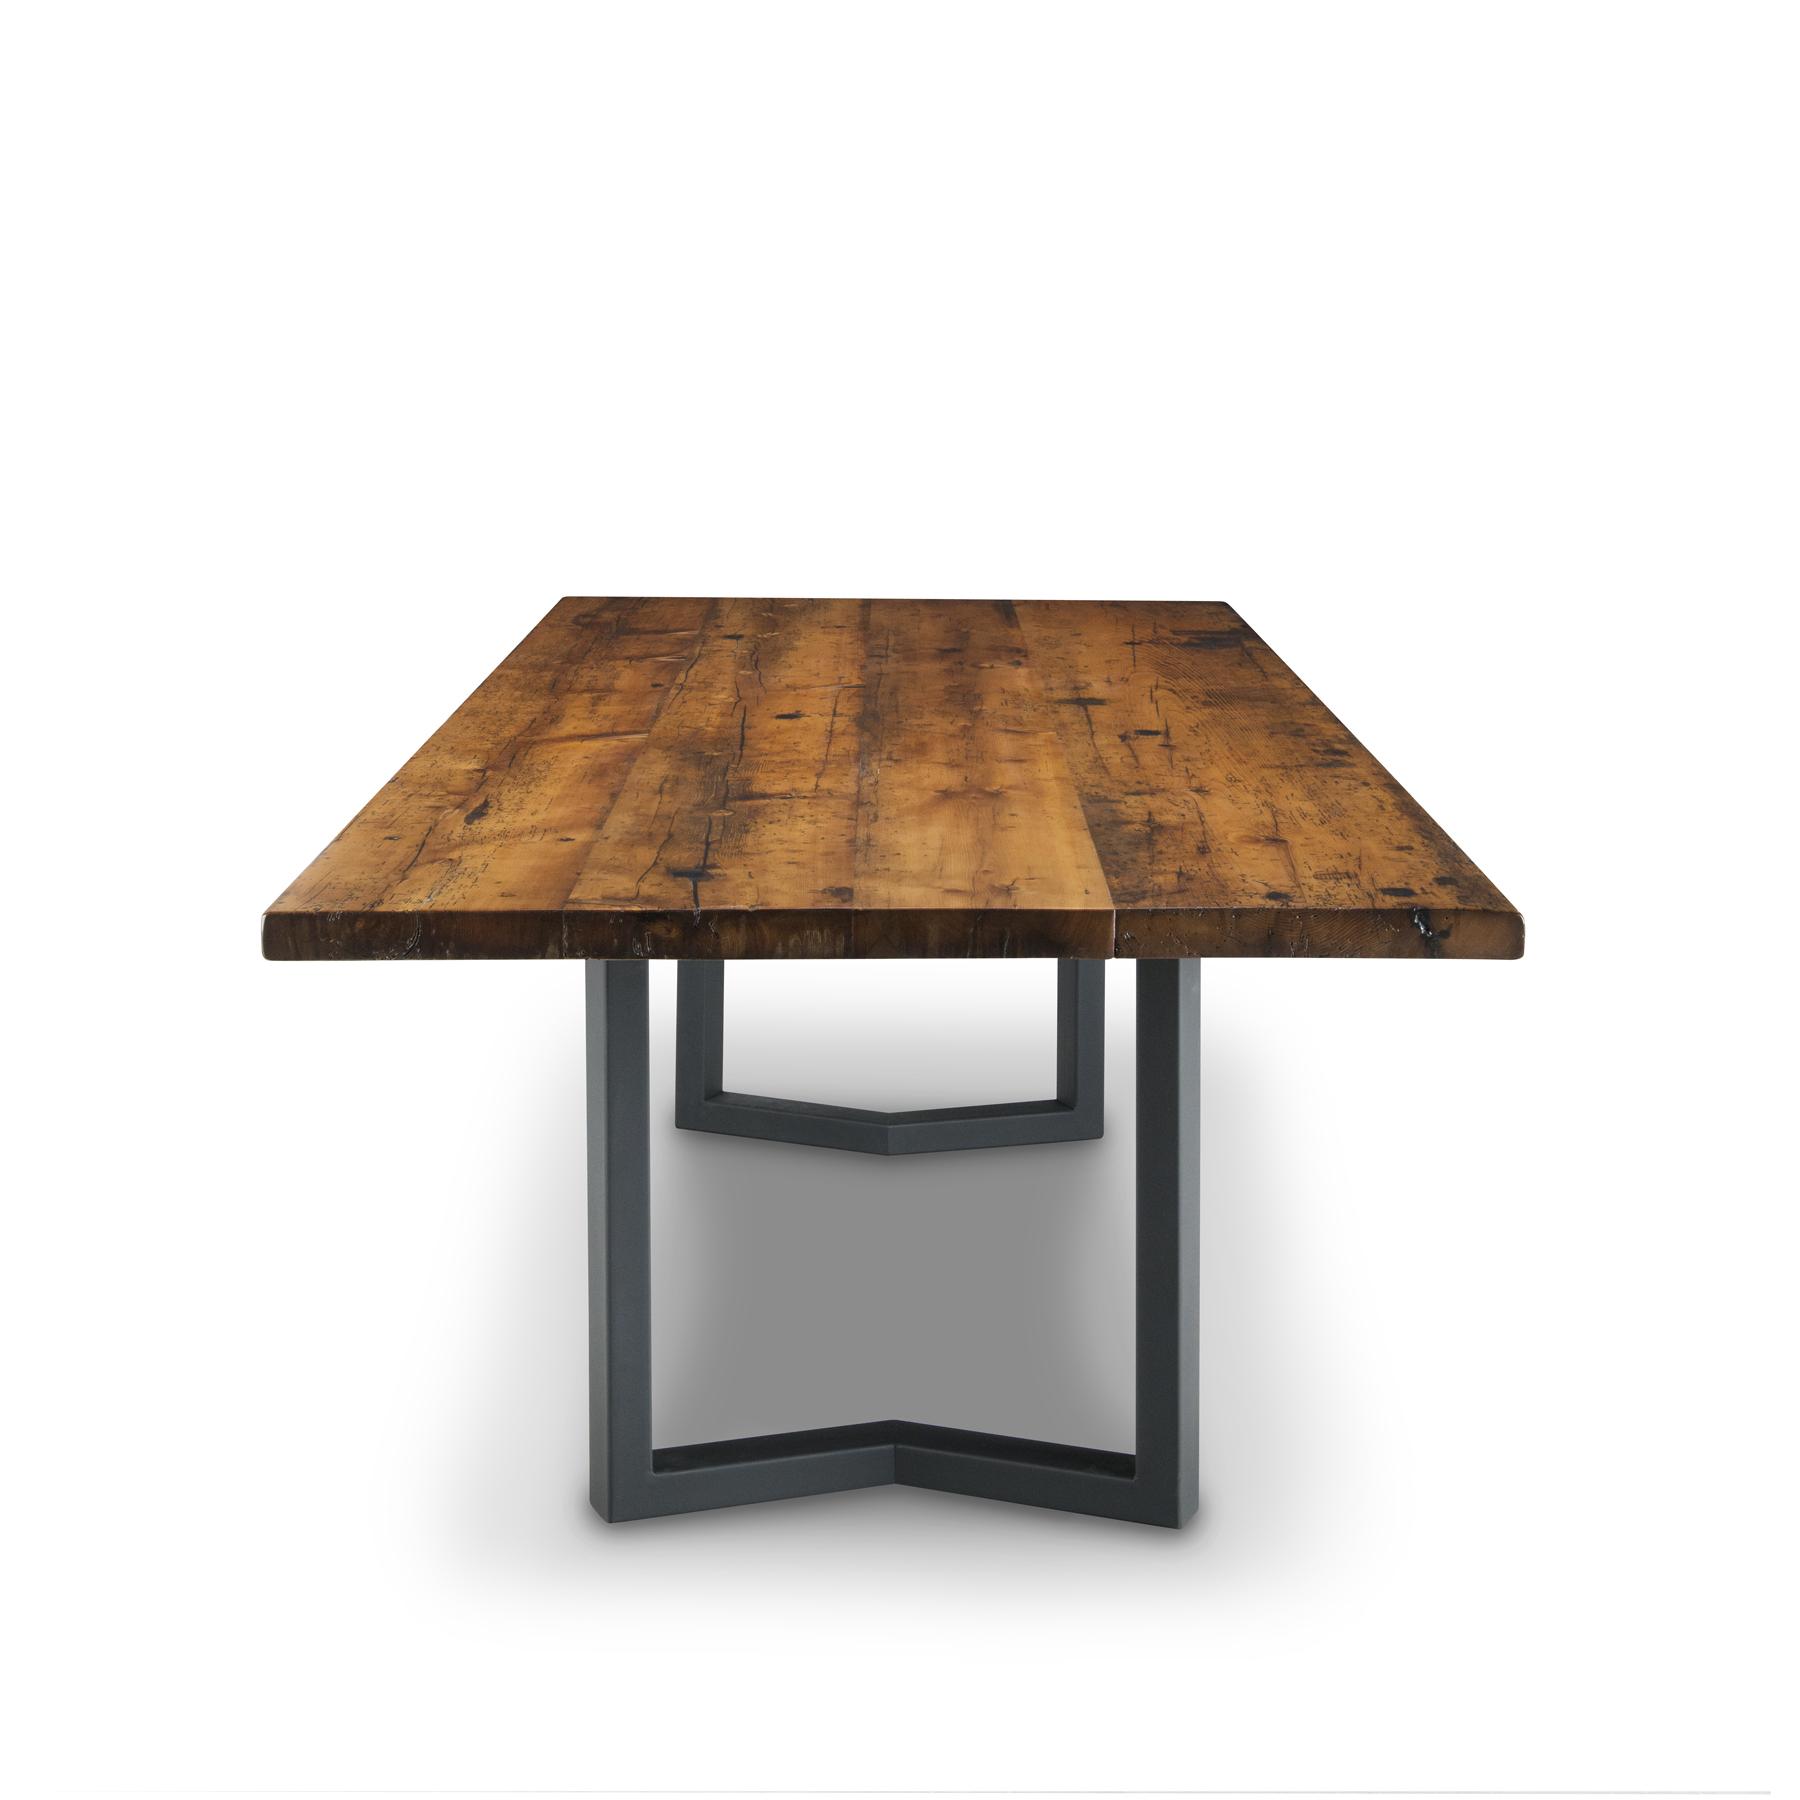 Lakefield-Table-C-PROOF-1-1.jpg